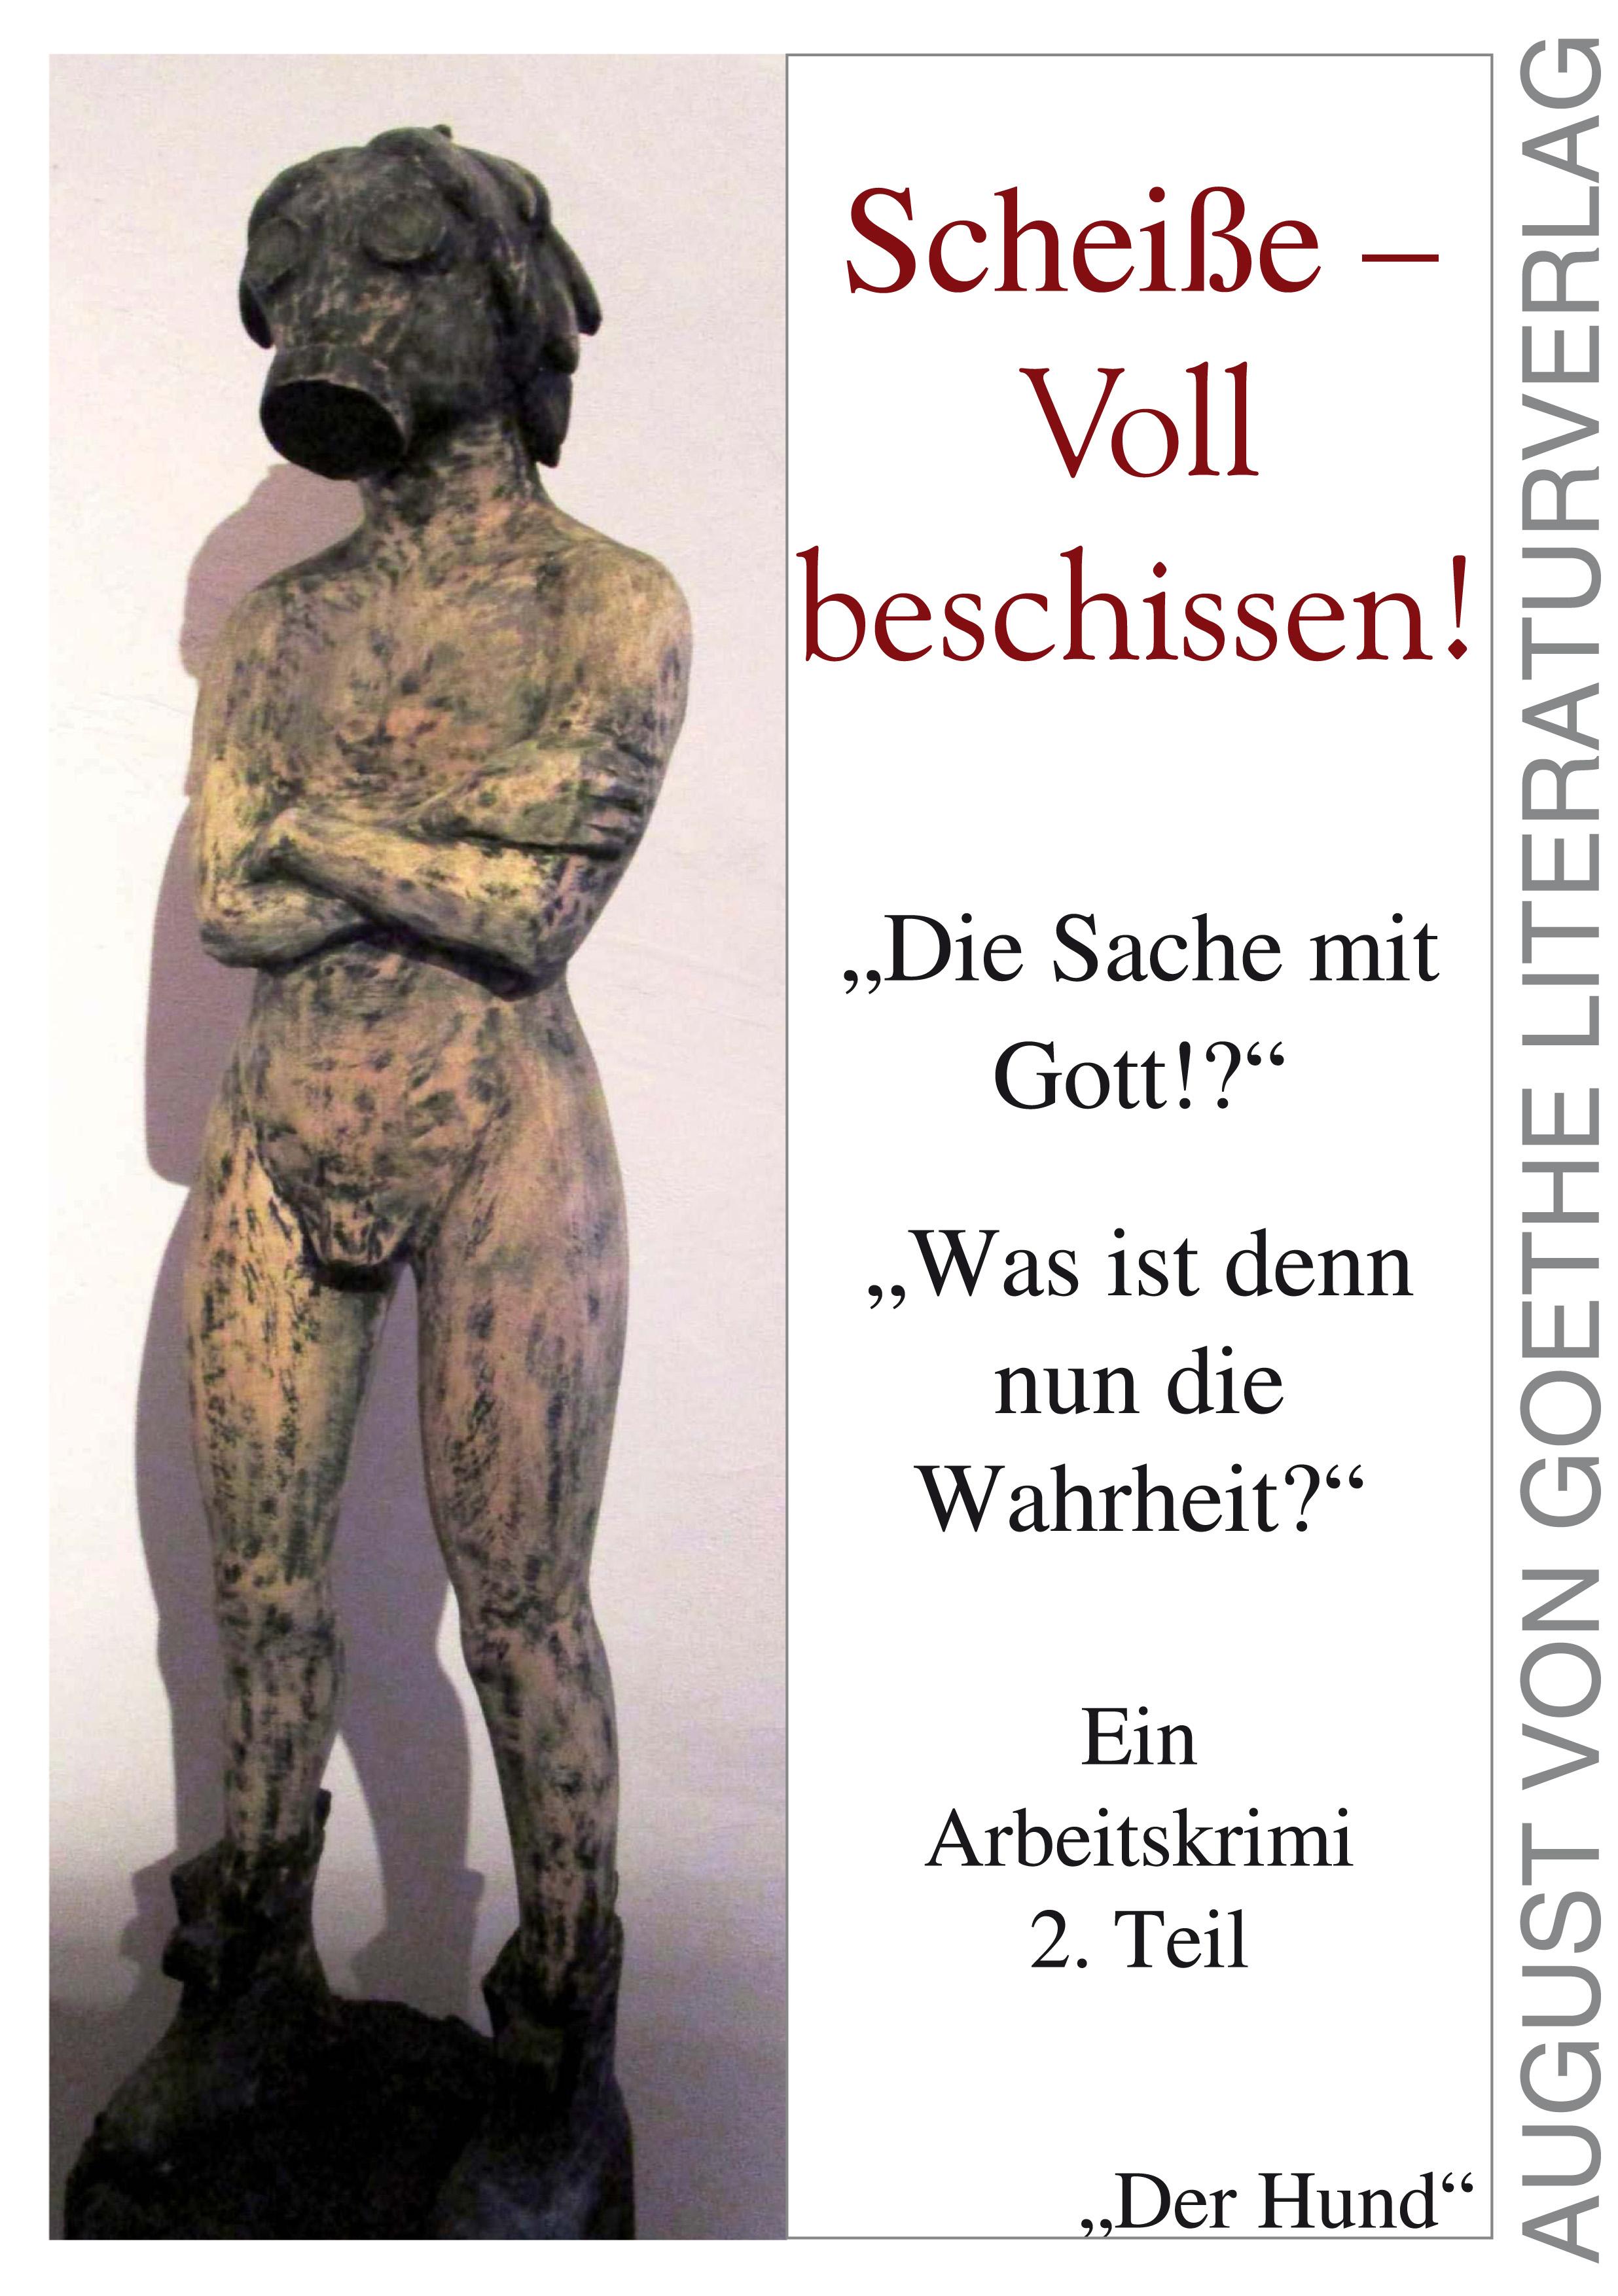 Scheisse-Voll-beschissen-Elise-von-Hohenhausen